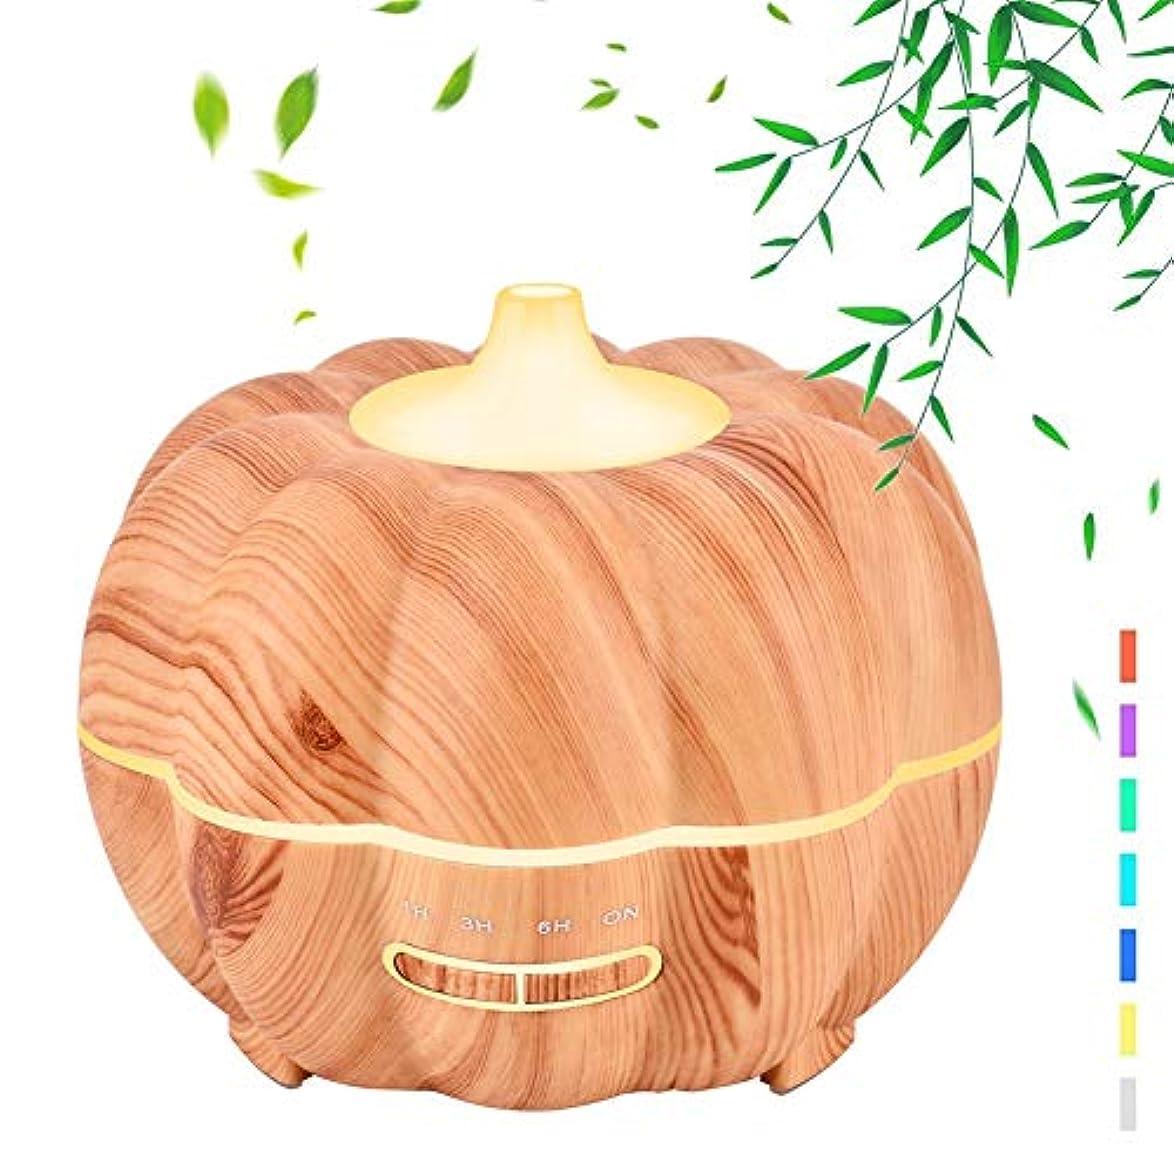 サンドイッチ欲求不満有望300ミリリットル木材穀物エッセンシャルオイルディフューザー、加湿器超音波アロマセラピーアロマセラピーディフューザー加湿器、静かな操作、7色フレグランスランプ、ホームオフィス用ヨガスパ,Lightwoodgrain